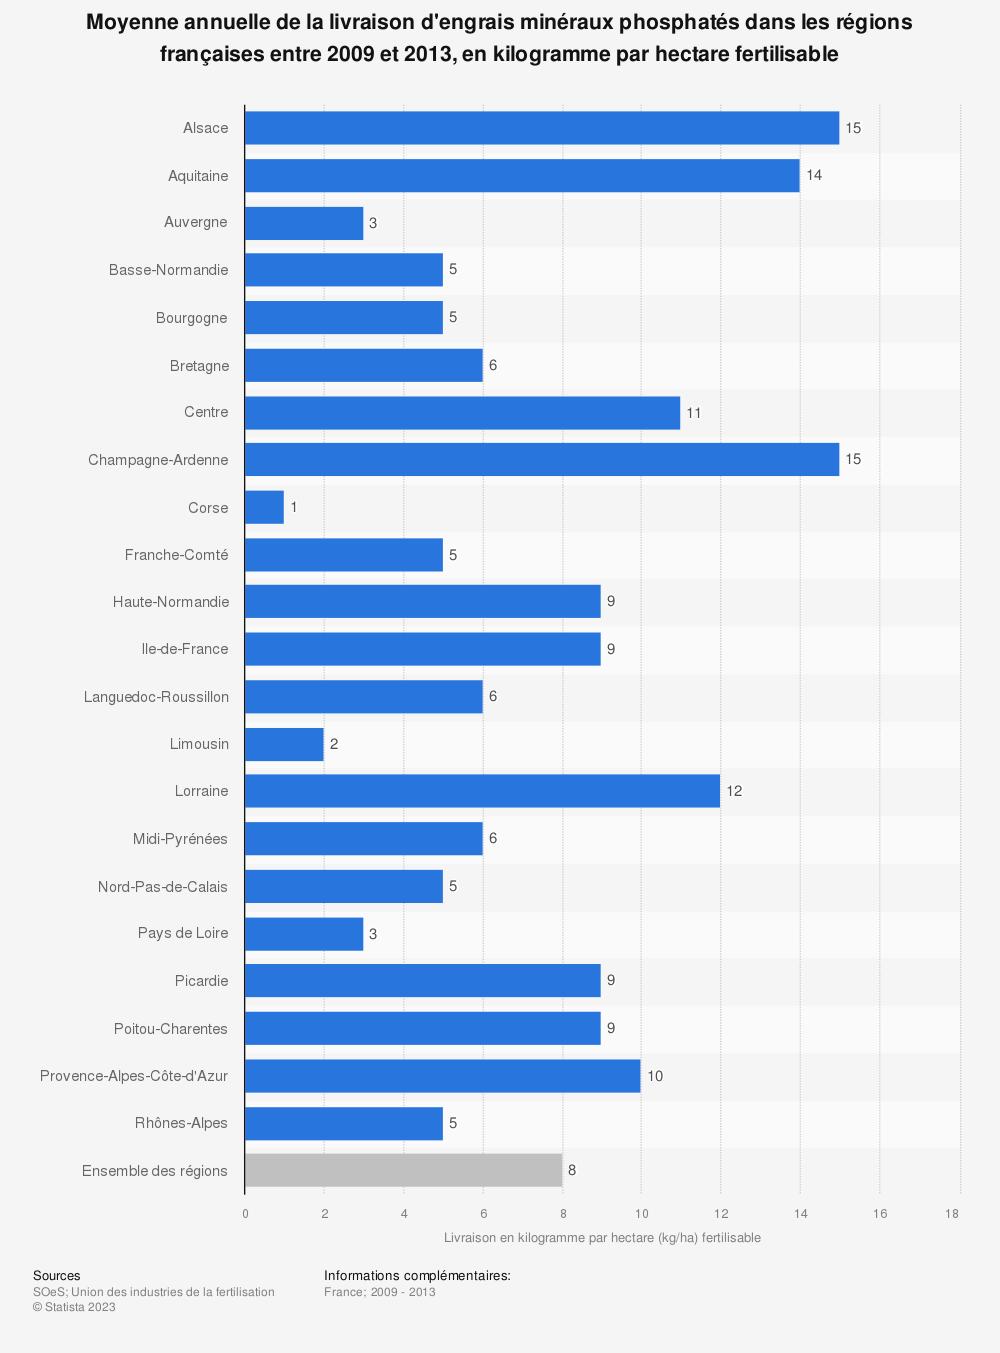 Statistique: Moyenne annuelle de la livraison d'engrais minéraux phosphatés dans les régions françaises entre 2009 et 2013, en kilogramme par hectare fertilisable | Statista